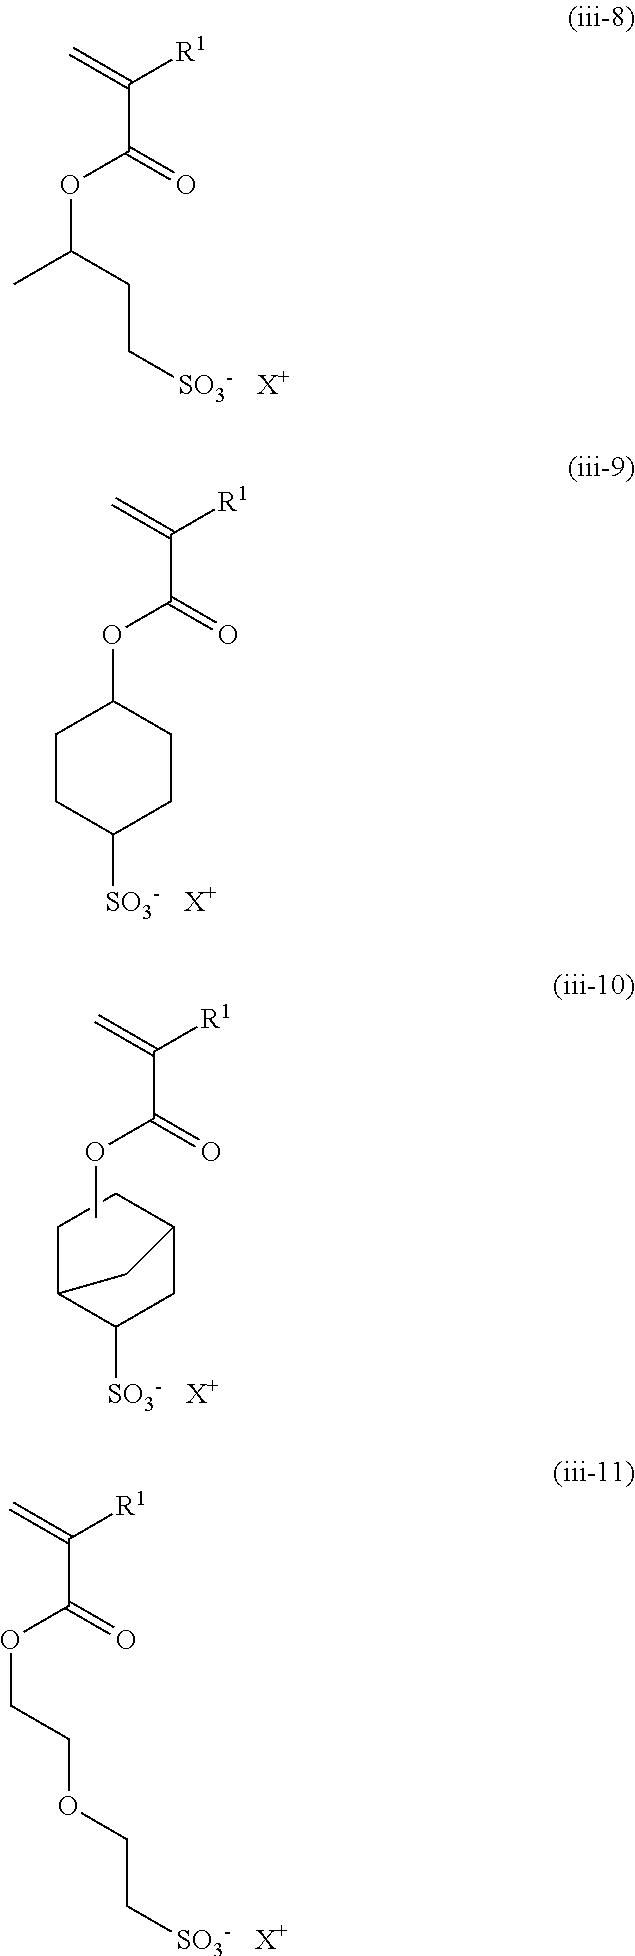 Figure US08507575-20130813-C00033